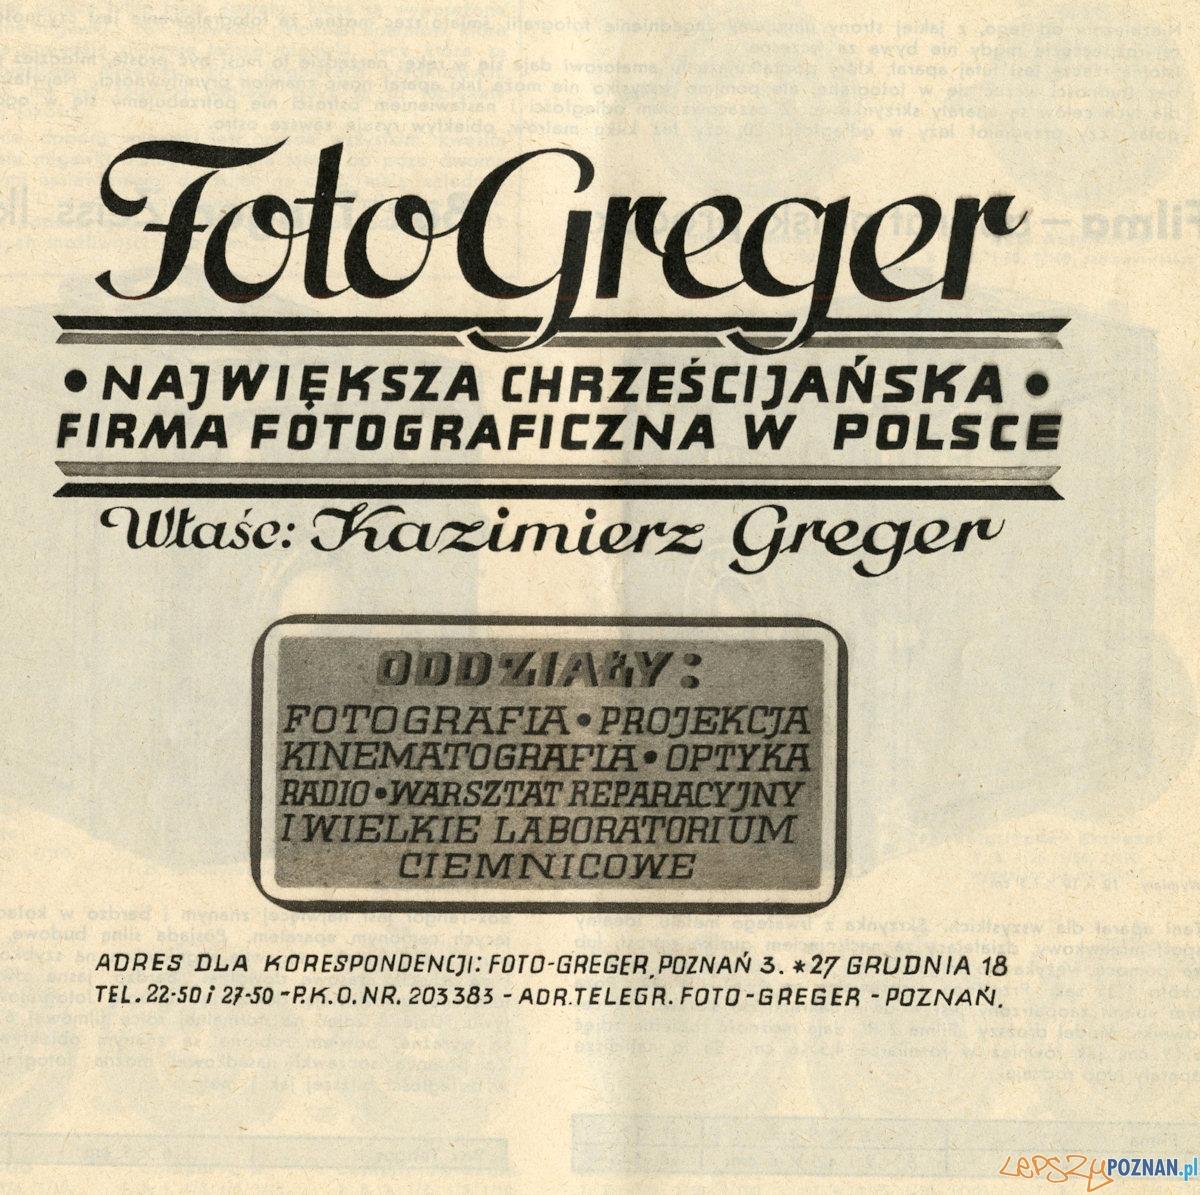 Katalog produktów Foto Greger  Foto: Piotr Gawron / optyczne.pl